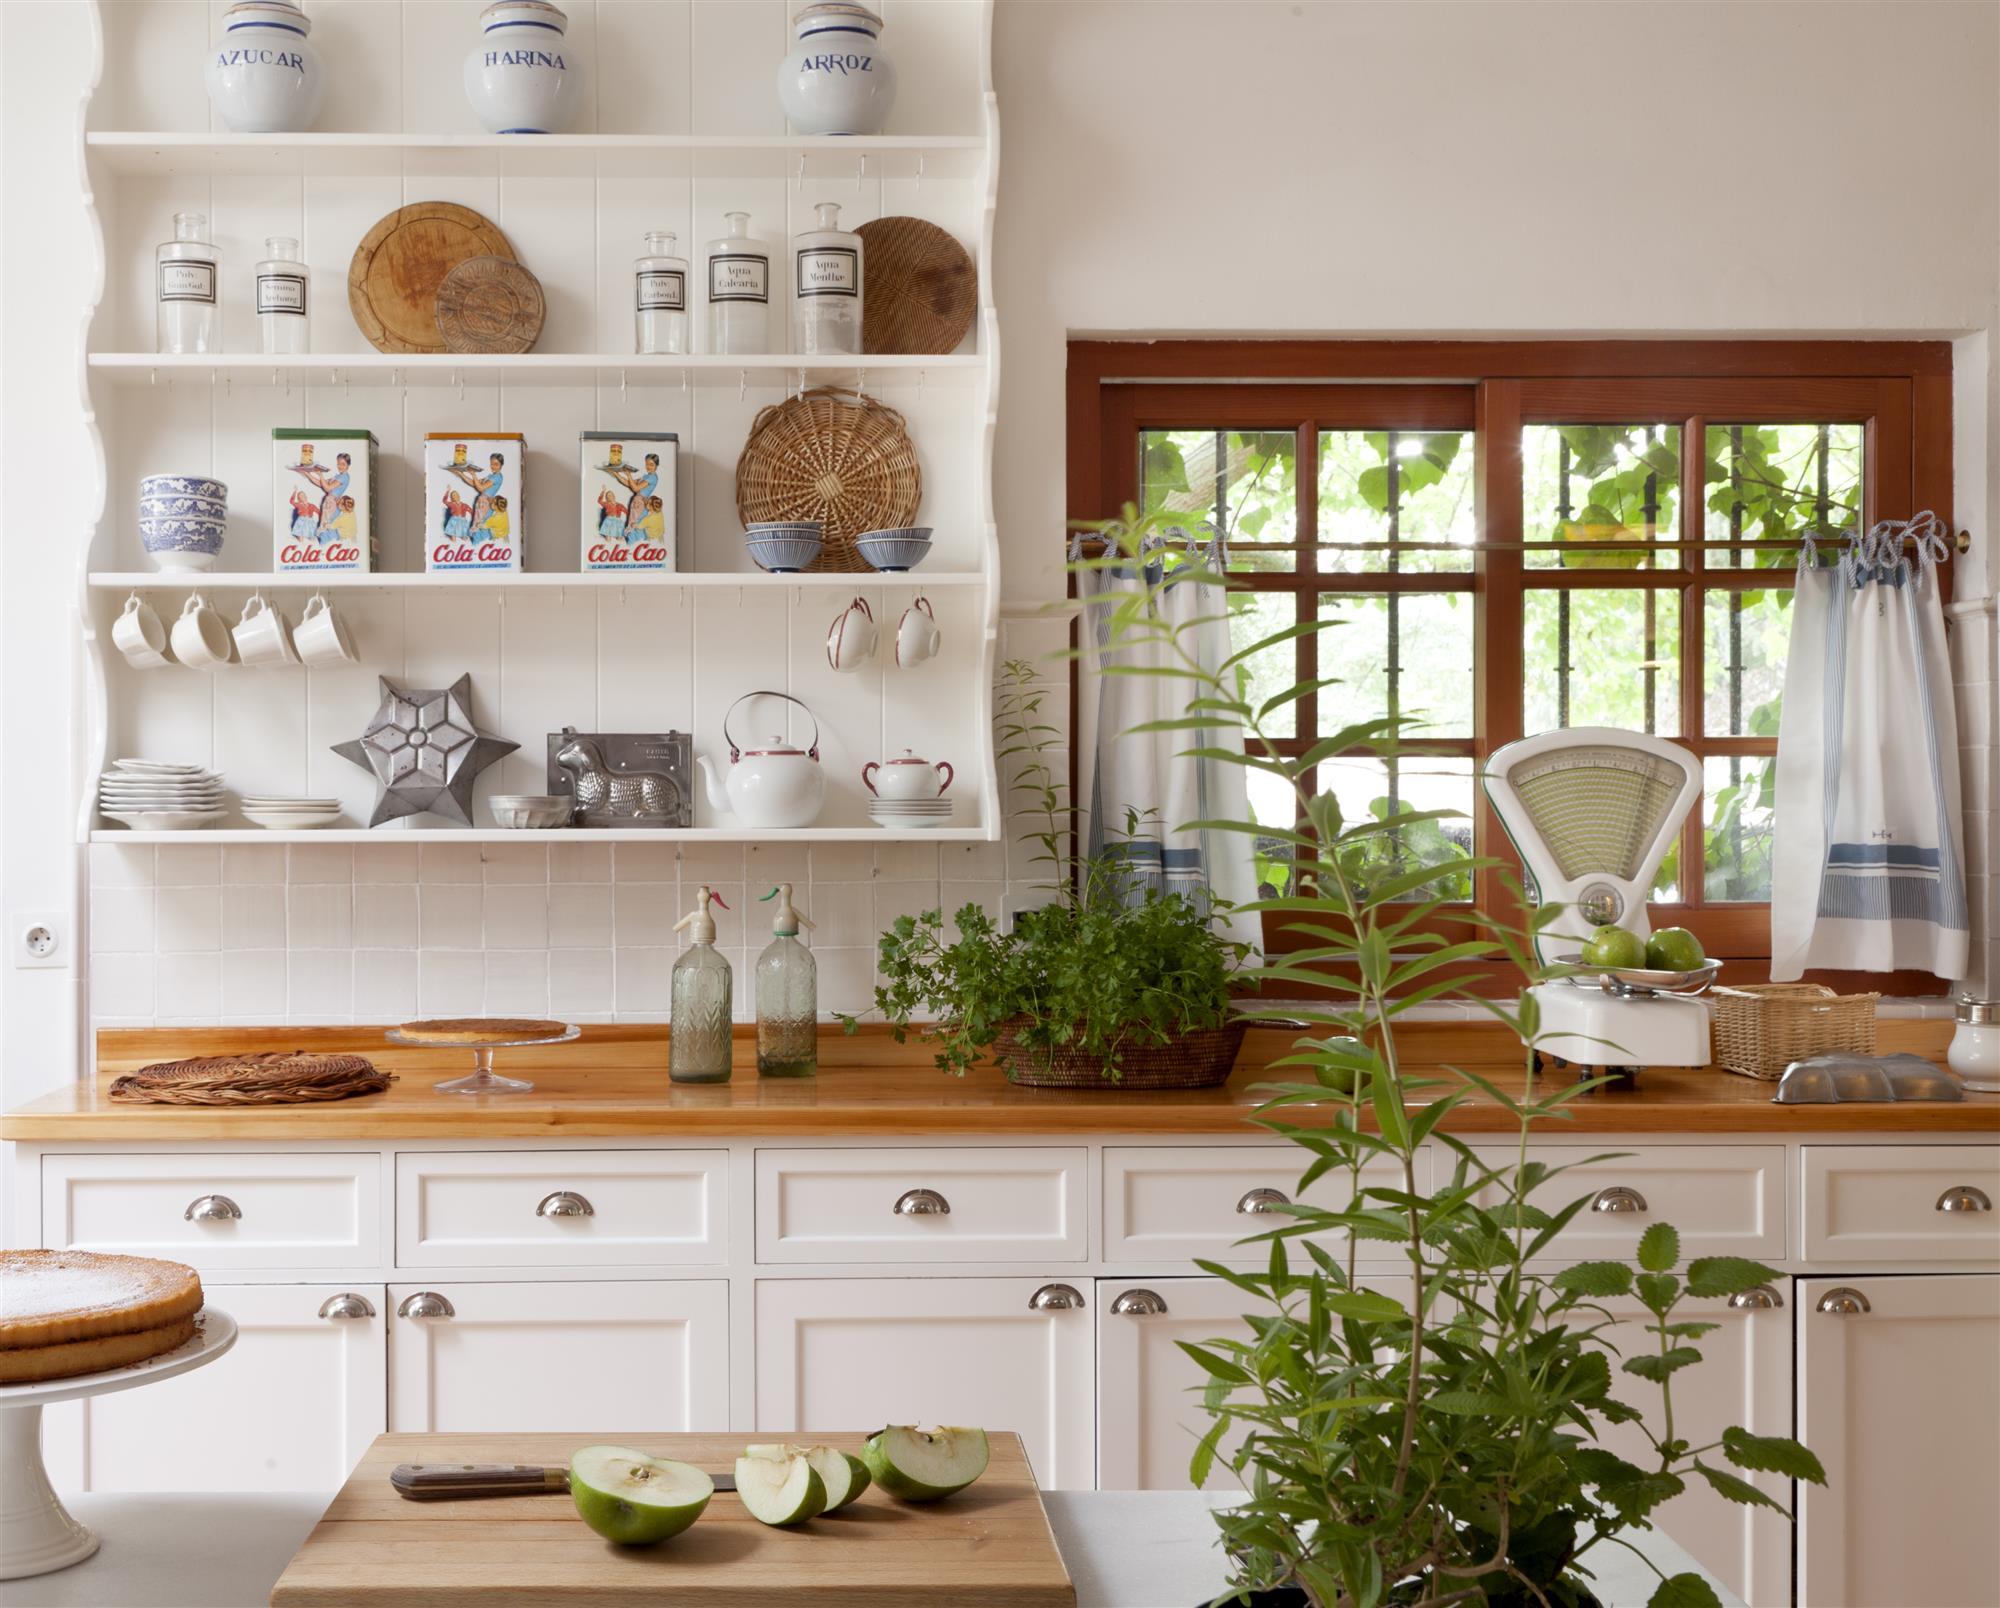 Muebles de cocina elmueble - Cocinas retro vintage ...